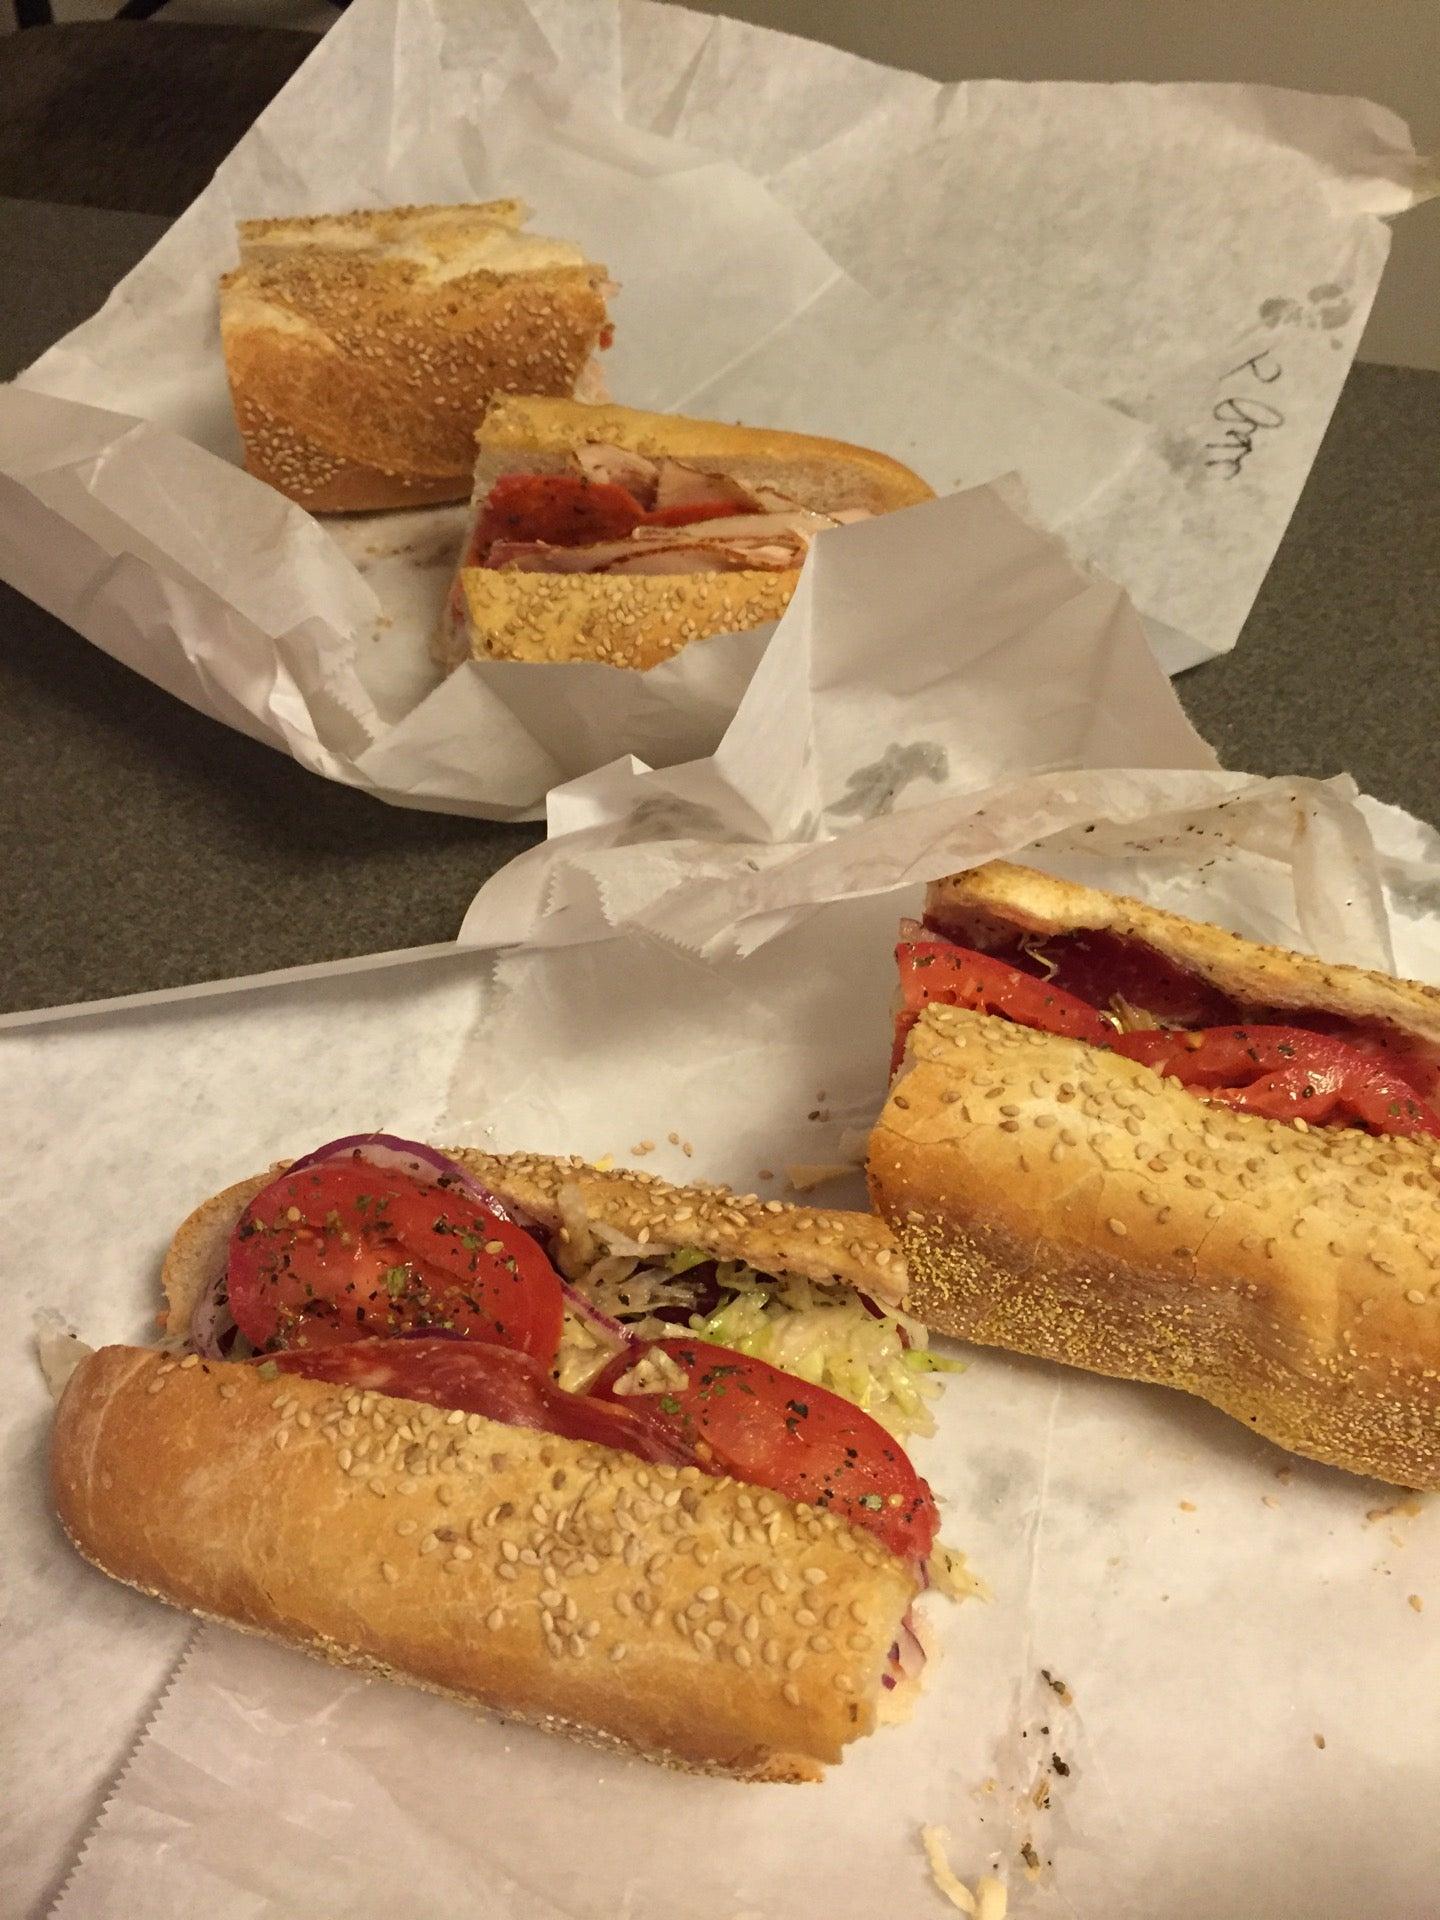 Sarcone's Deli,bread,deli,deli meat,pizza,sandwiches,side dishes